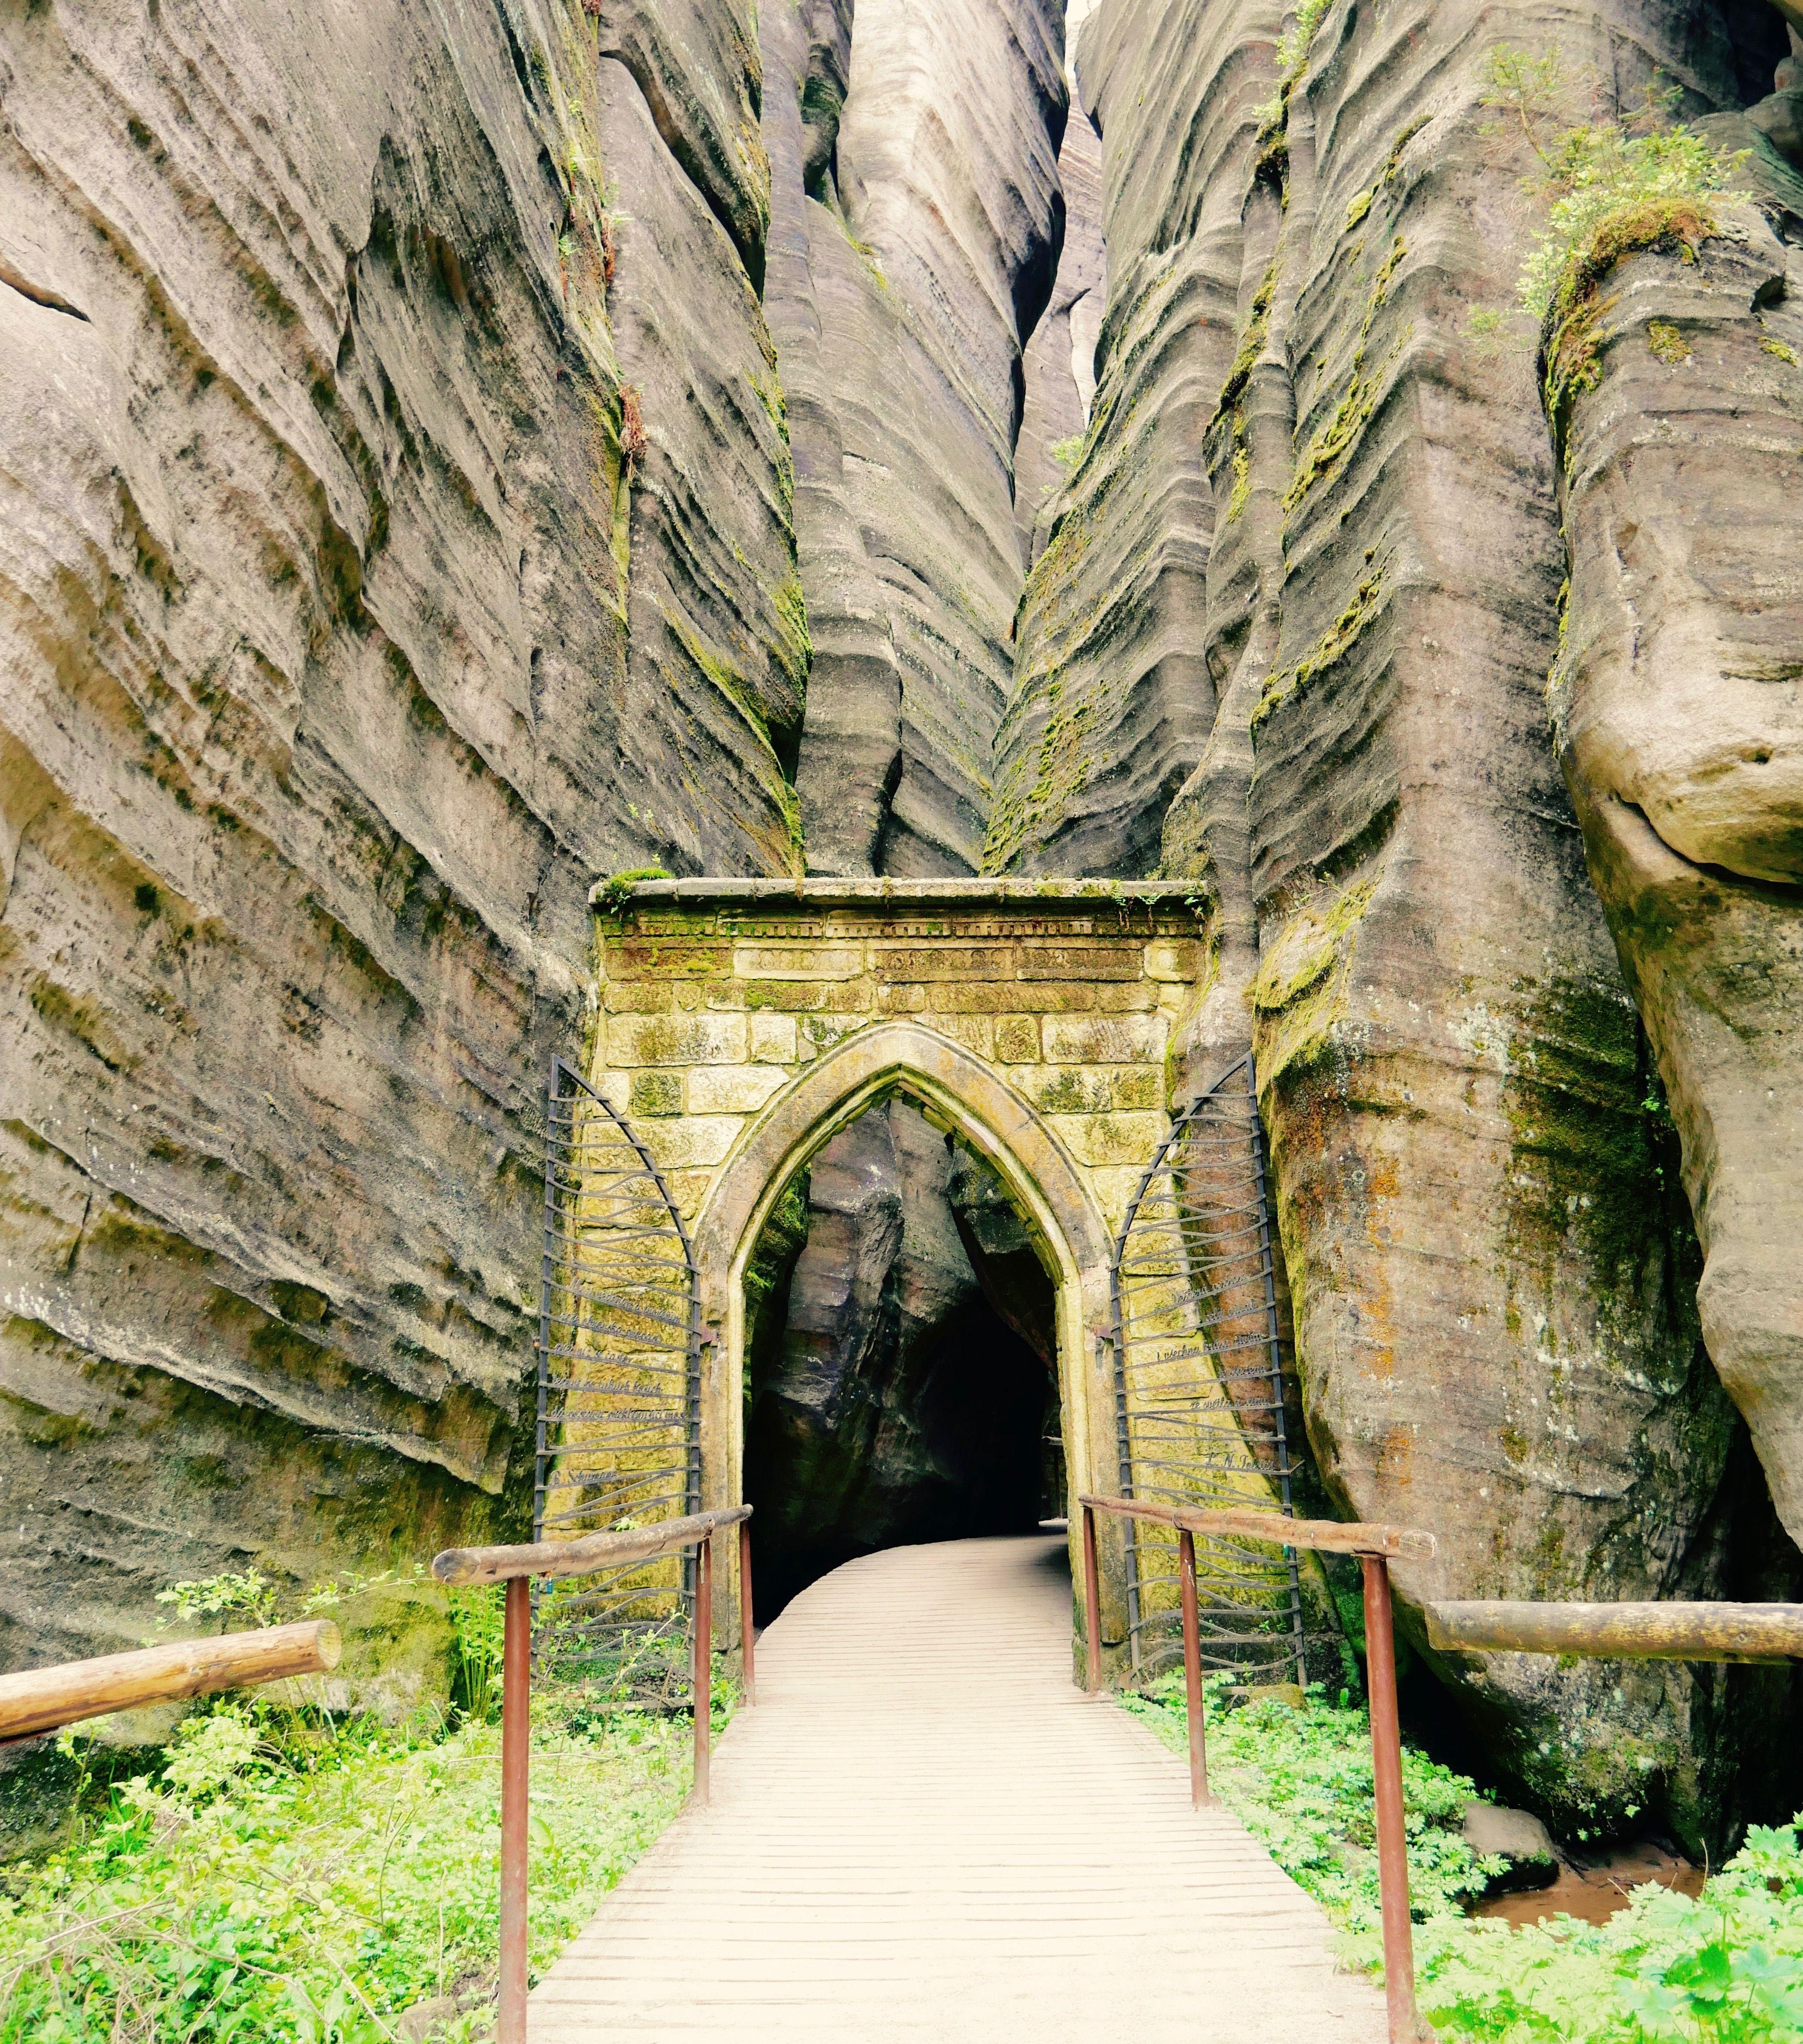 Adersbacher Felsenstadt - Ein besonderes Naturerlebnis - Naturreisen